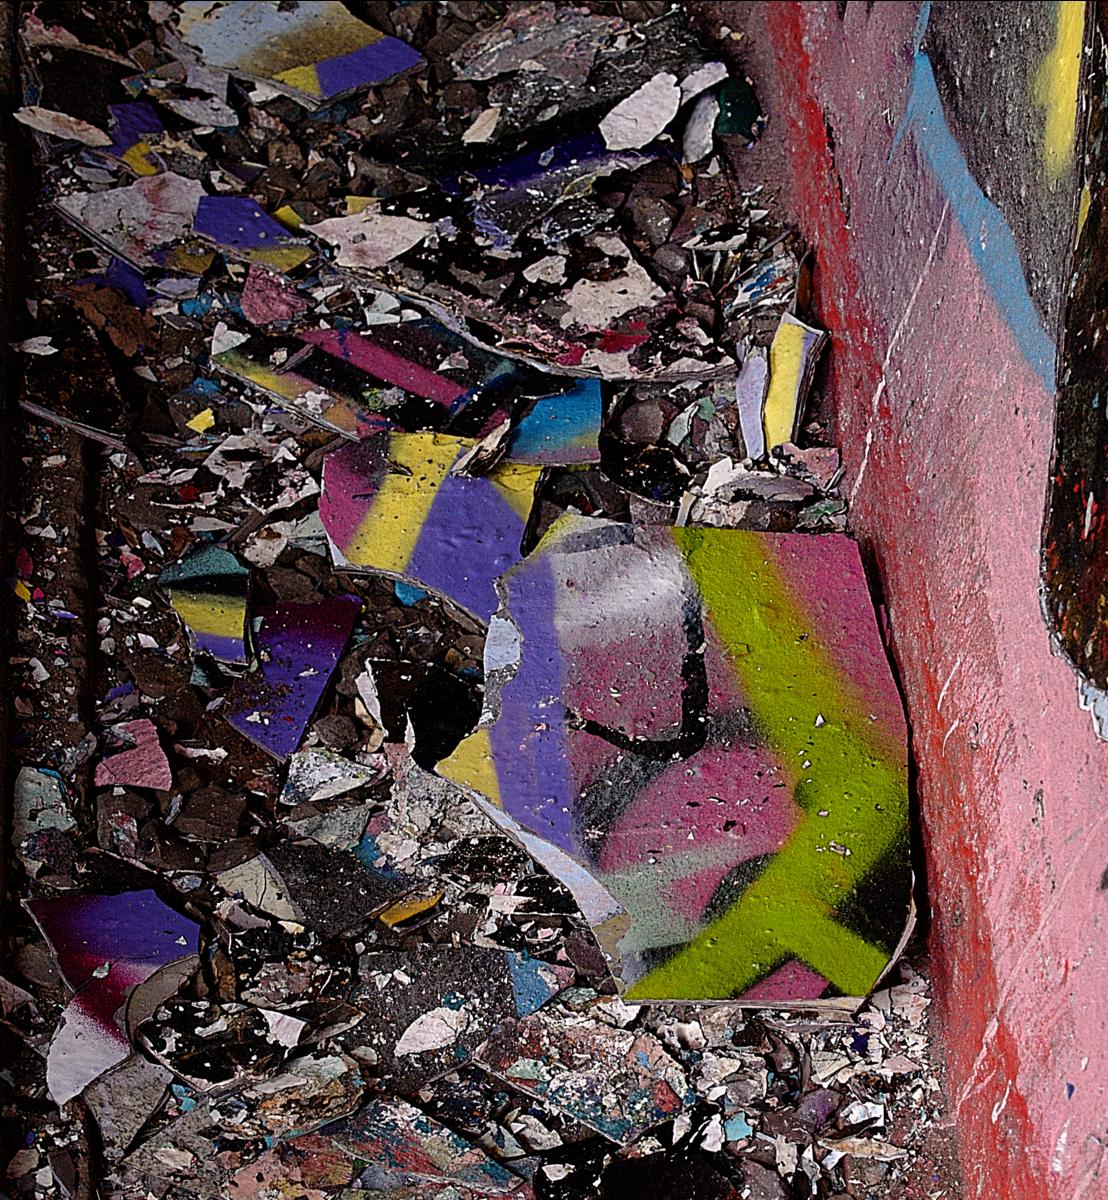 Graffiti_broeckel_tunnel_park_schoeneberger_suedgelände.png